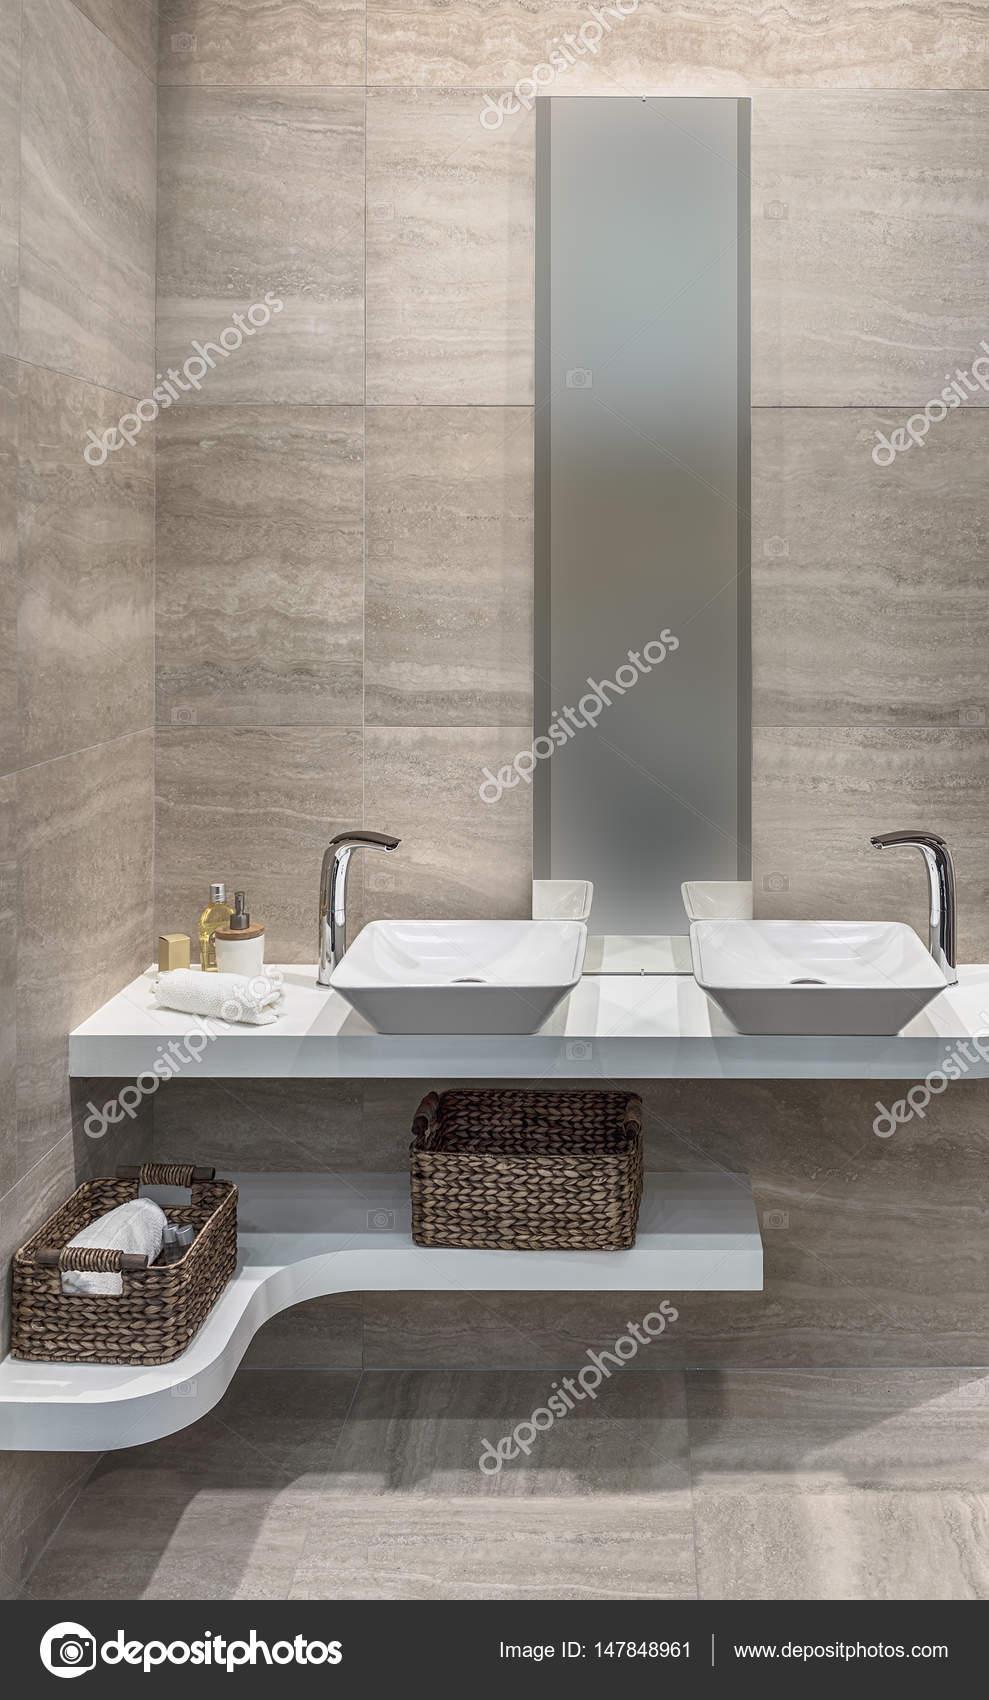 Keramische tegels op de vloer en de muren in de badkamer. Stijlvolle ...